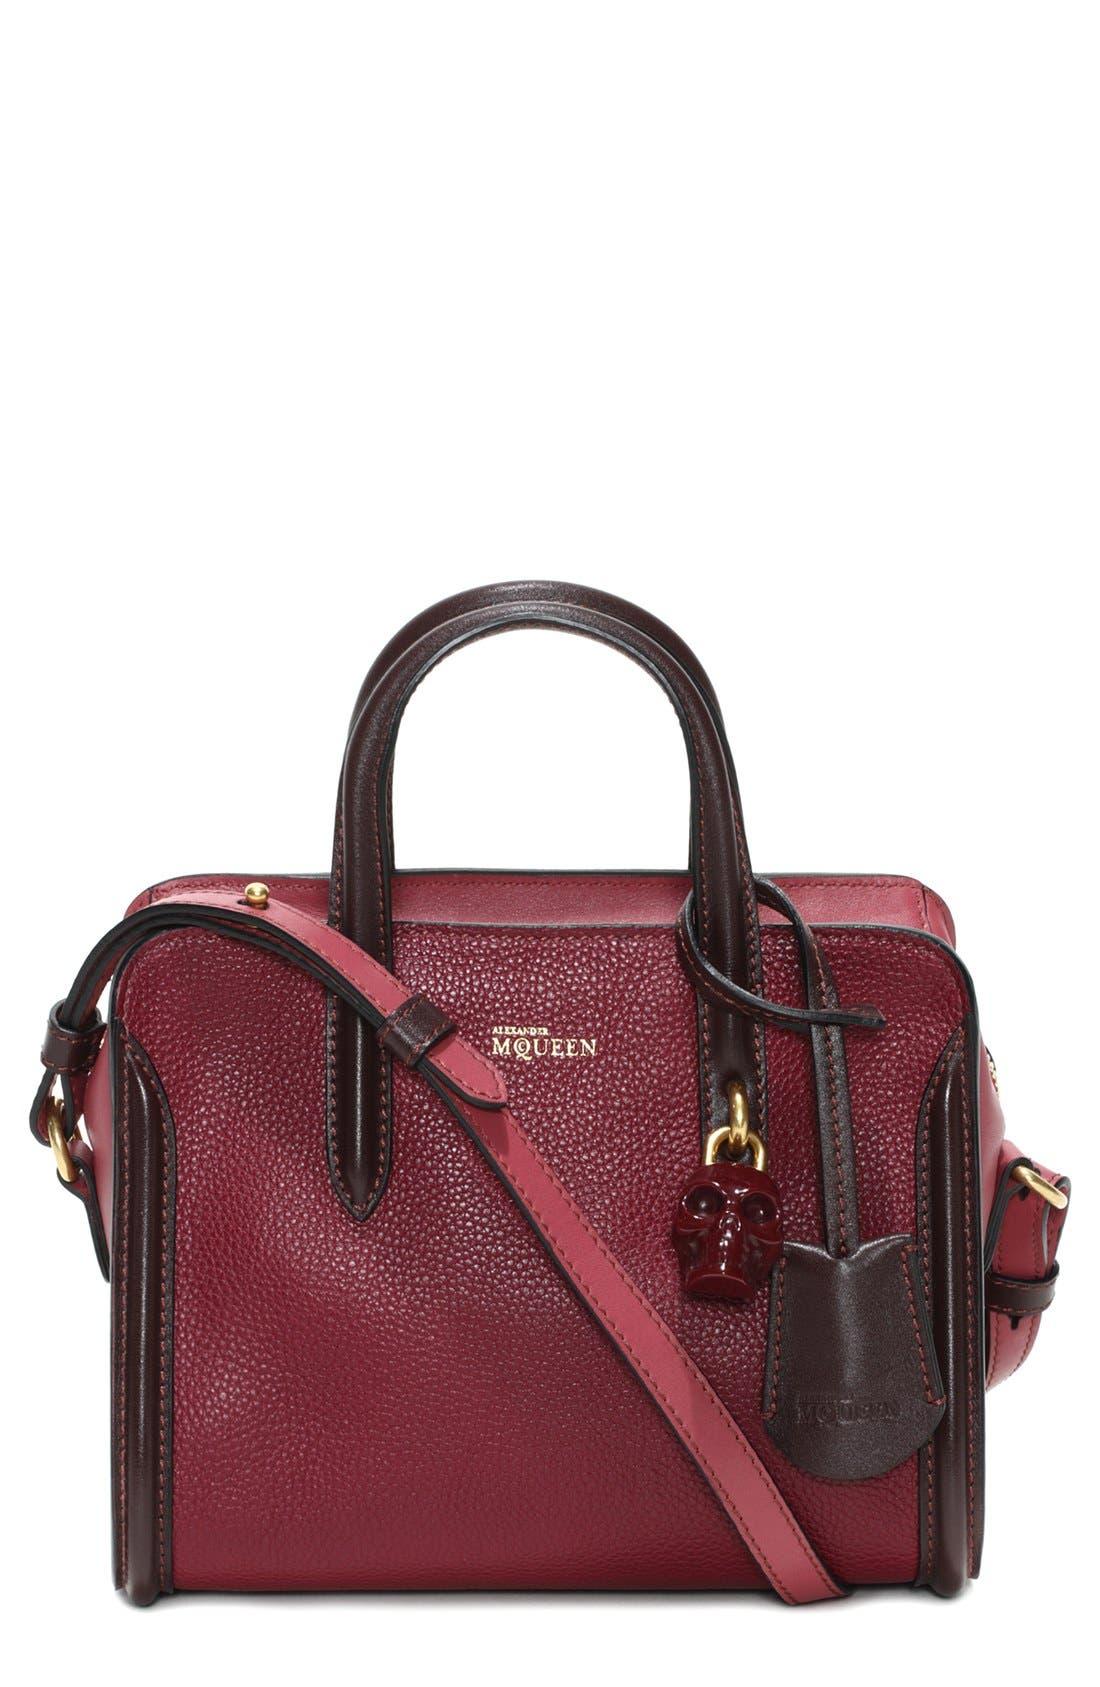 Alternate Image 1 Selected - Alexander McQueen 'Mini Padlock' Calfskin Leather Duffel Bag